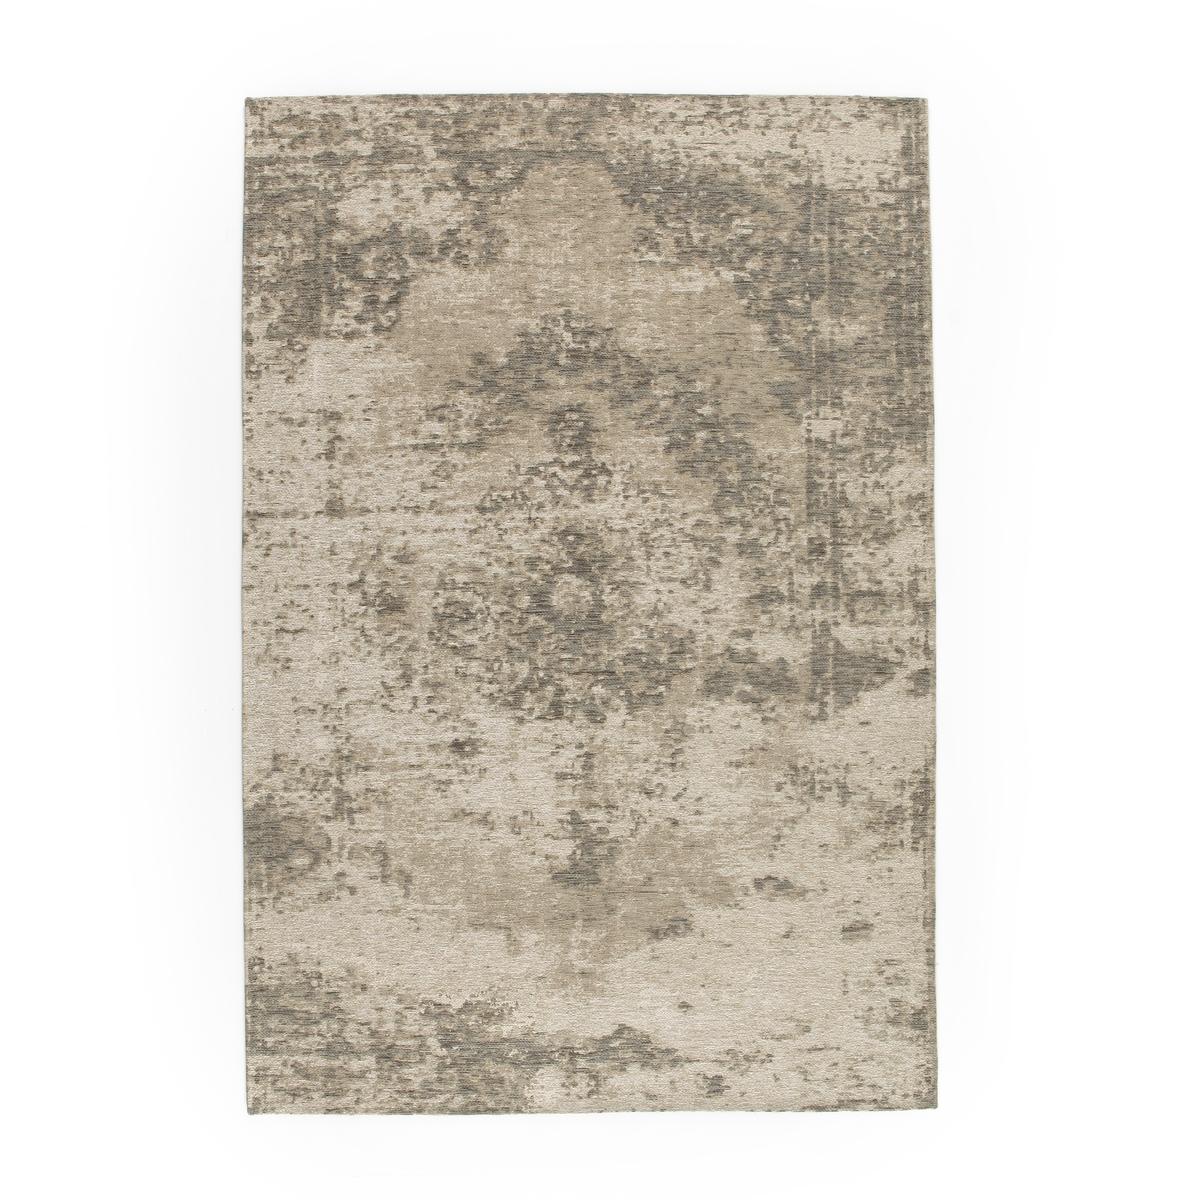 Ковер La Redoute Медальон с потертым эффектом IZOE 120 x 170 см серый